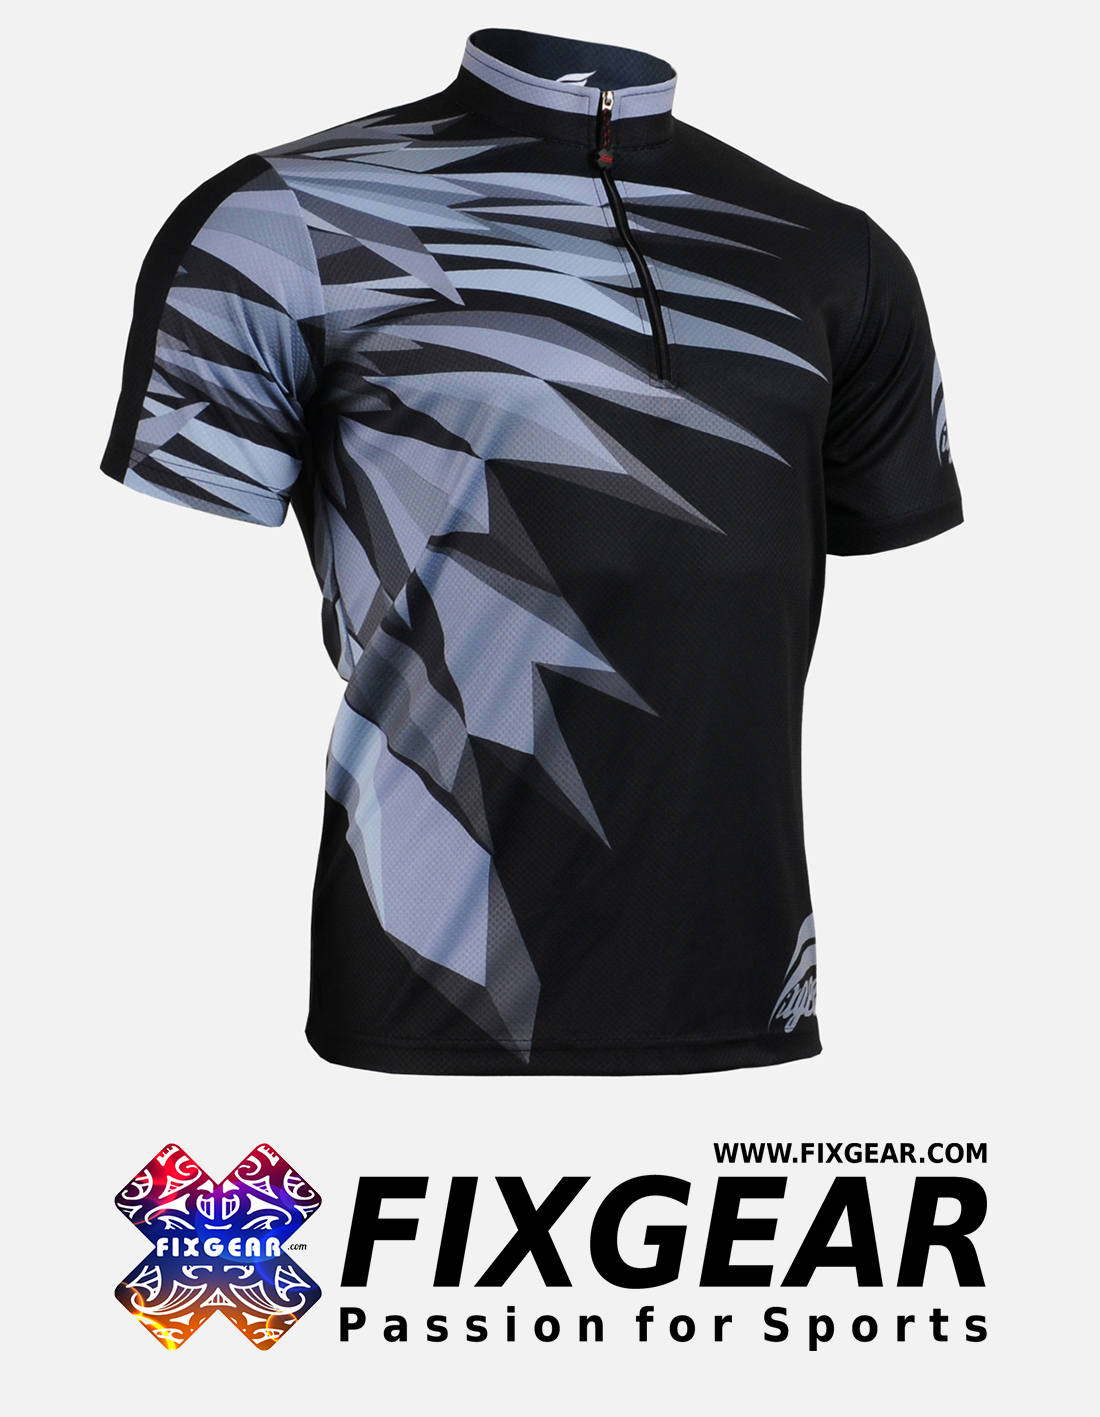 FIXGEAR BM-5902 Casual Men's short sleeve jersey 1/4 zip-up T-Shirt